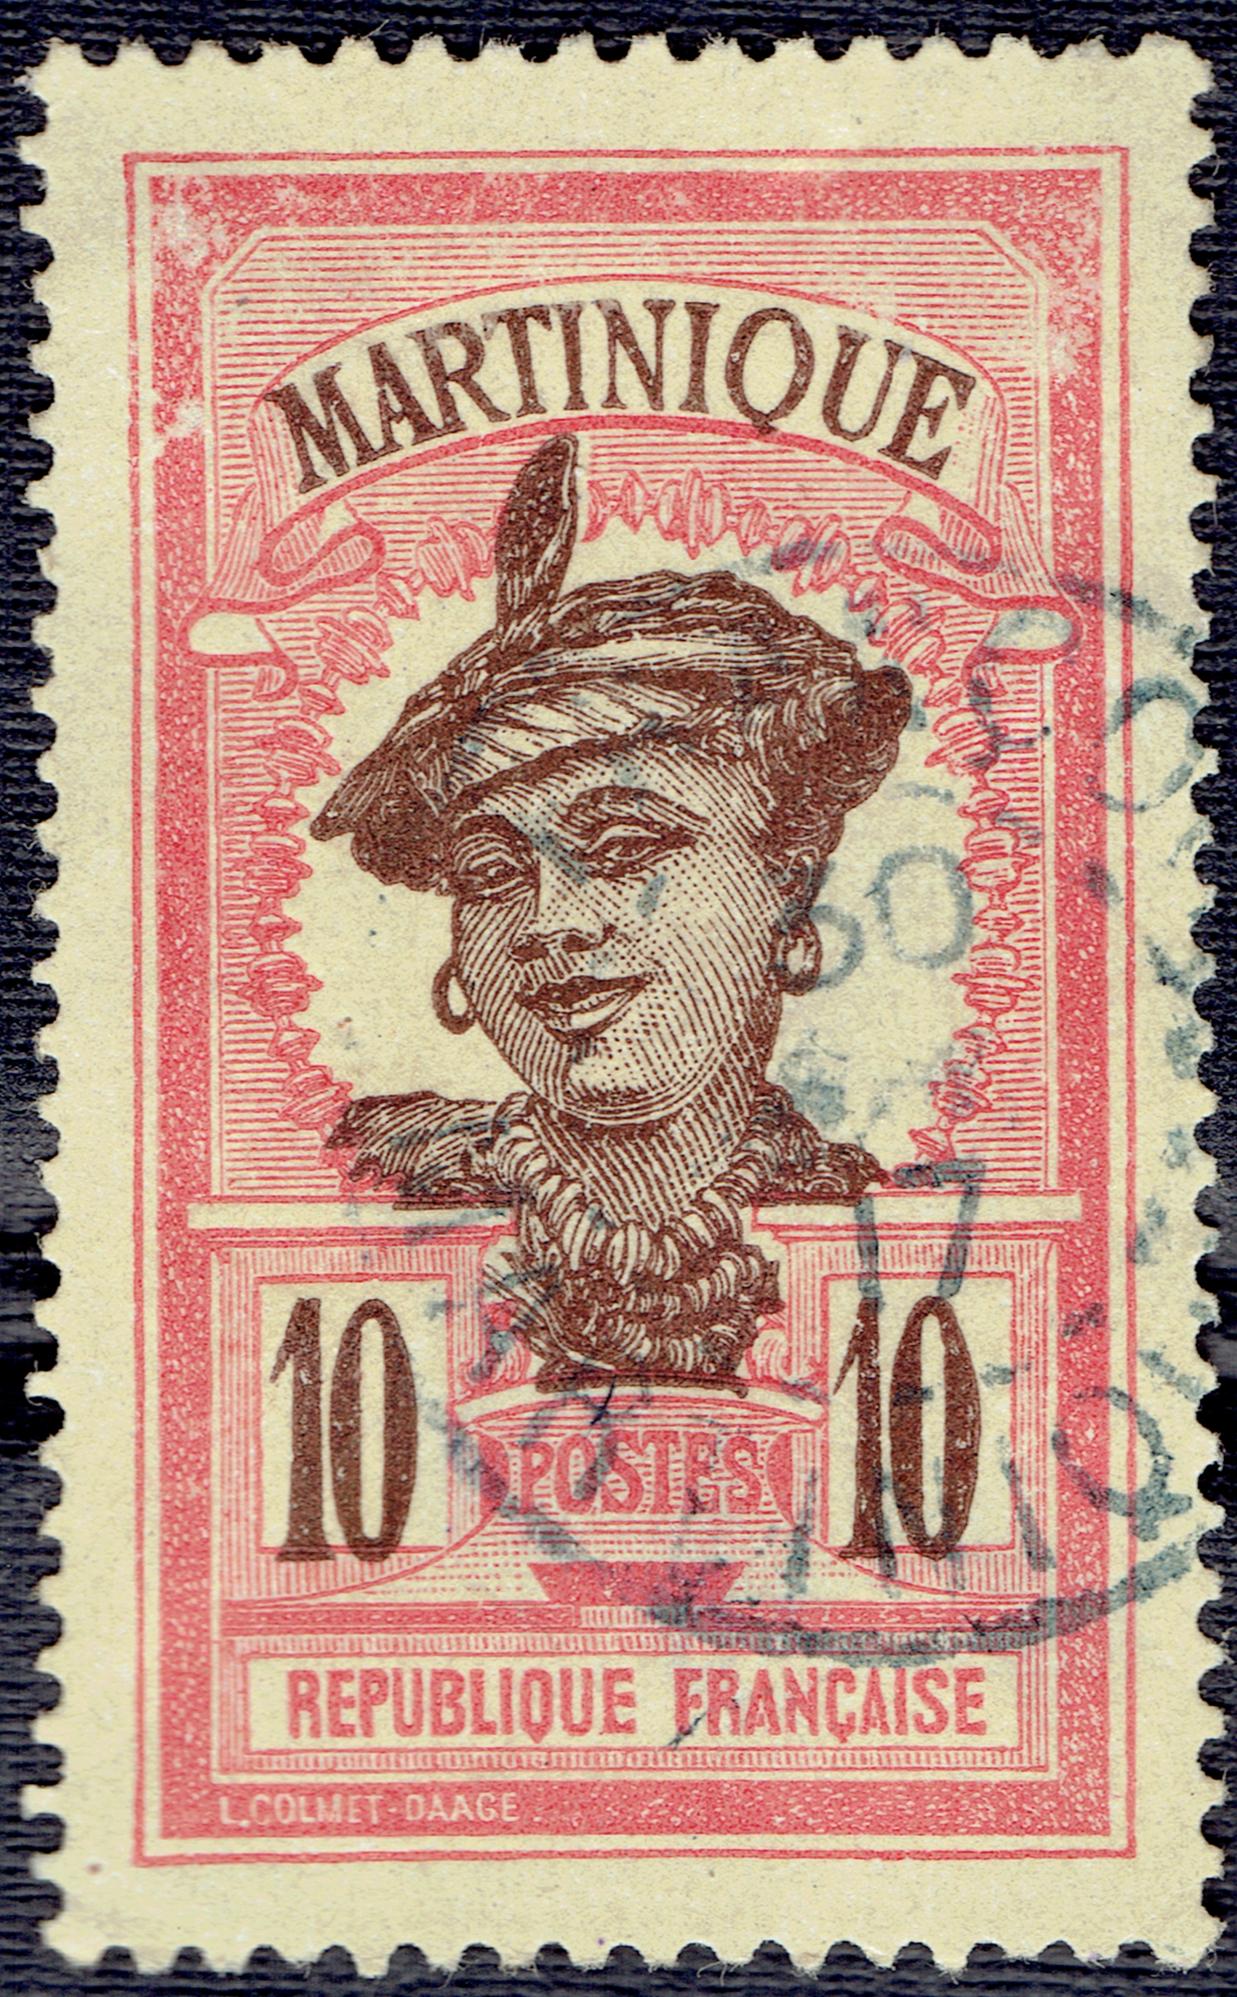 Martinique #67 (1908)